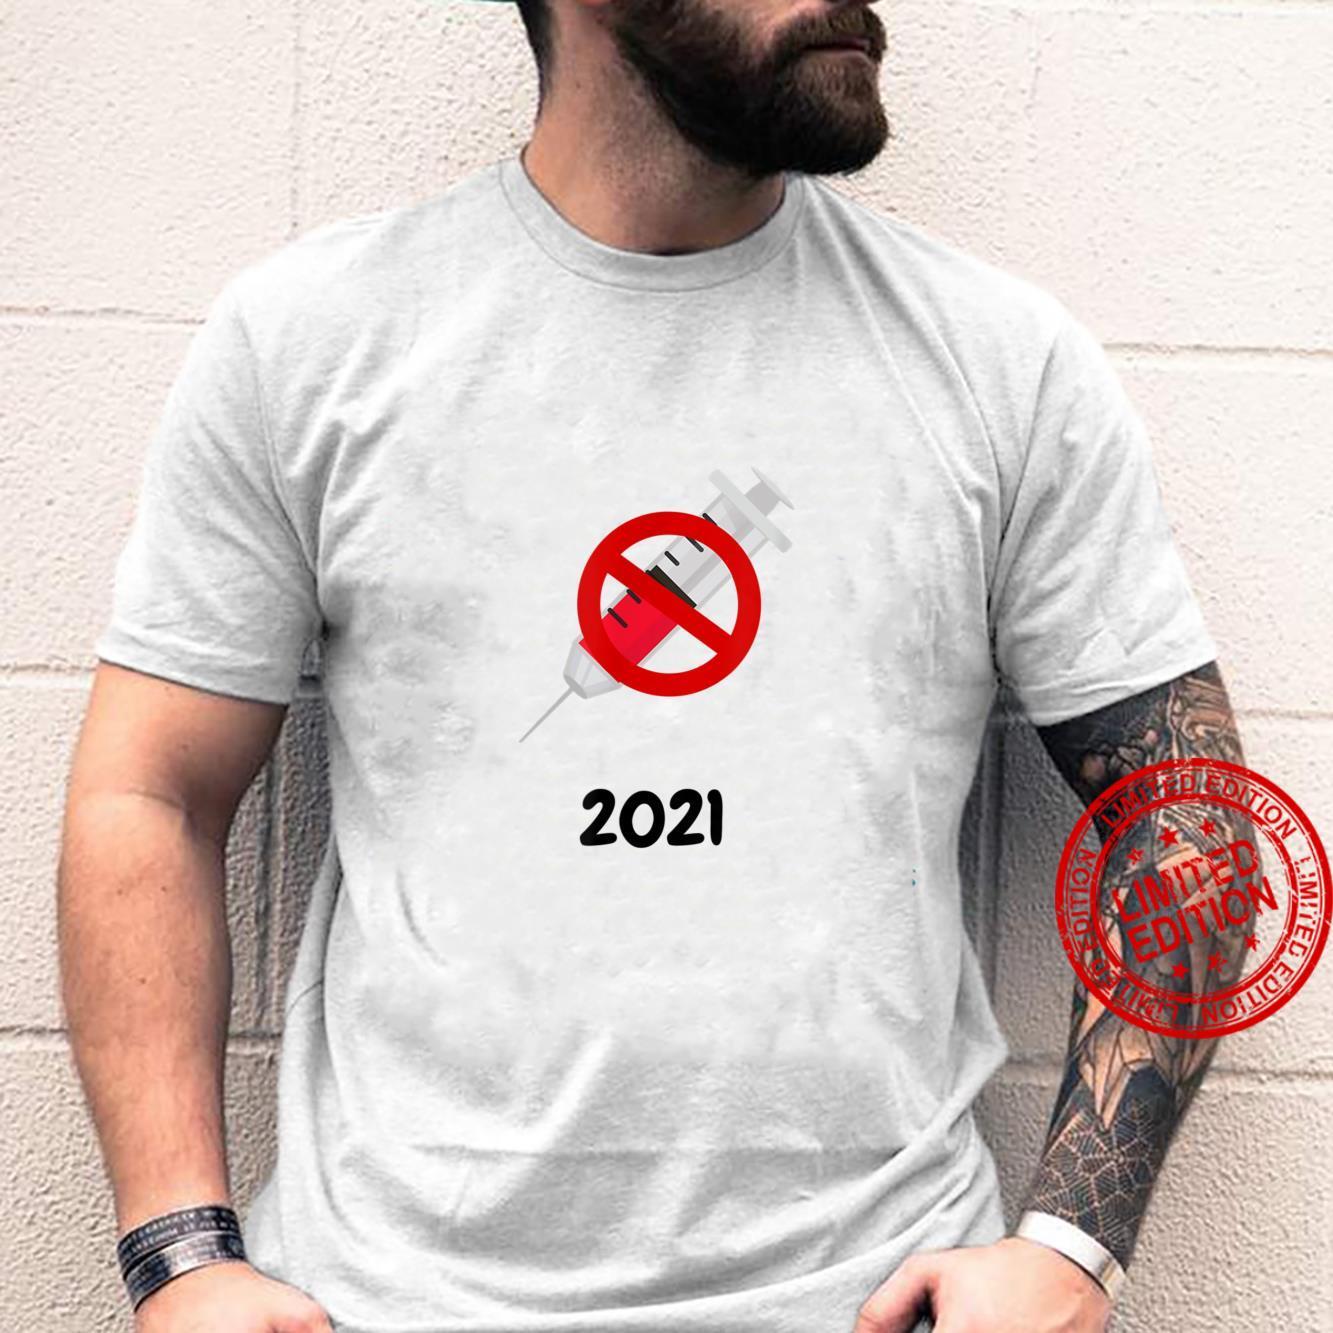 Lustige Designs Originale Aufdrucke Shirt